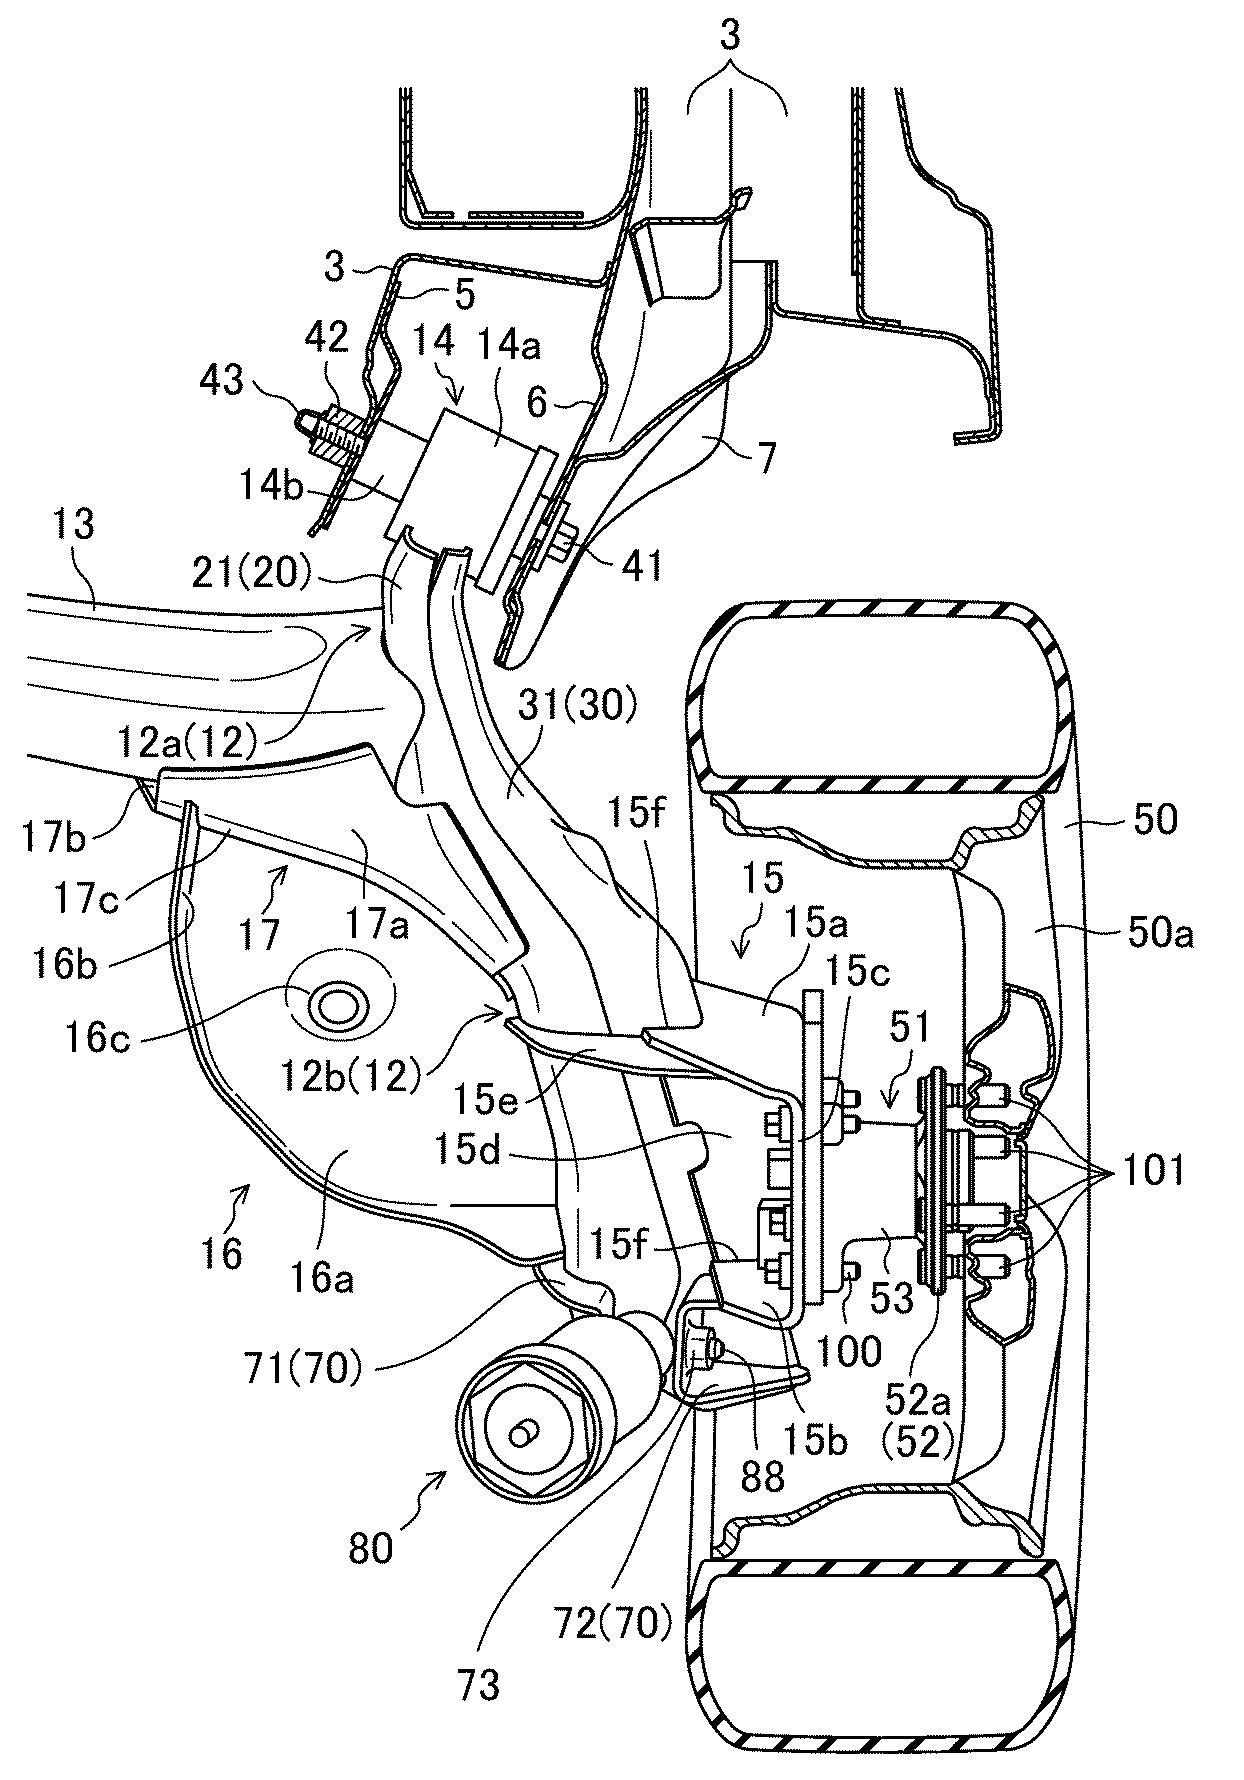 マツダ、サスペンションのダンパブラケットの構造で特許